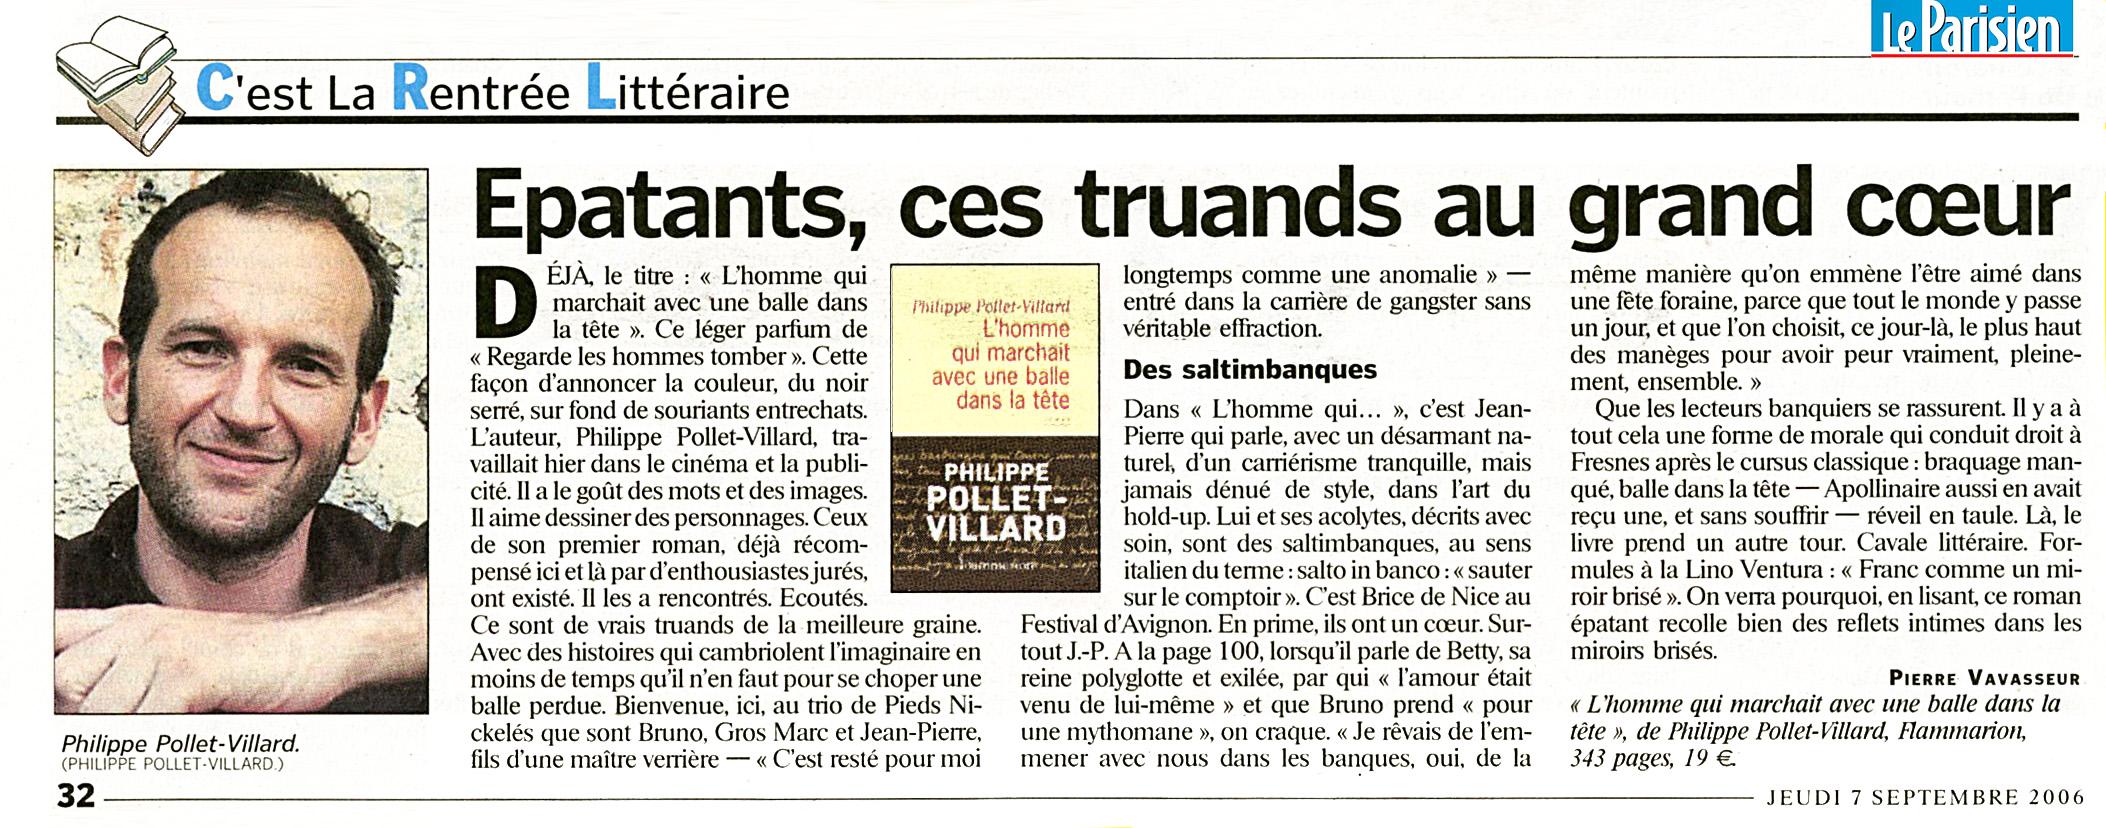 Le Parisien_LQMAUNBB524